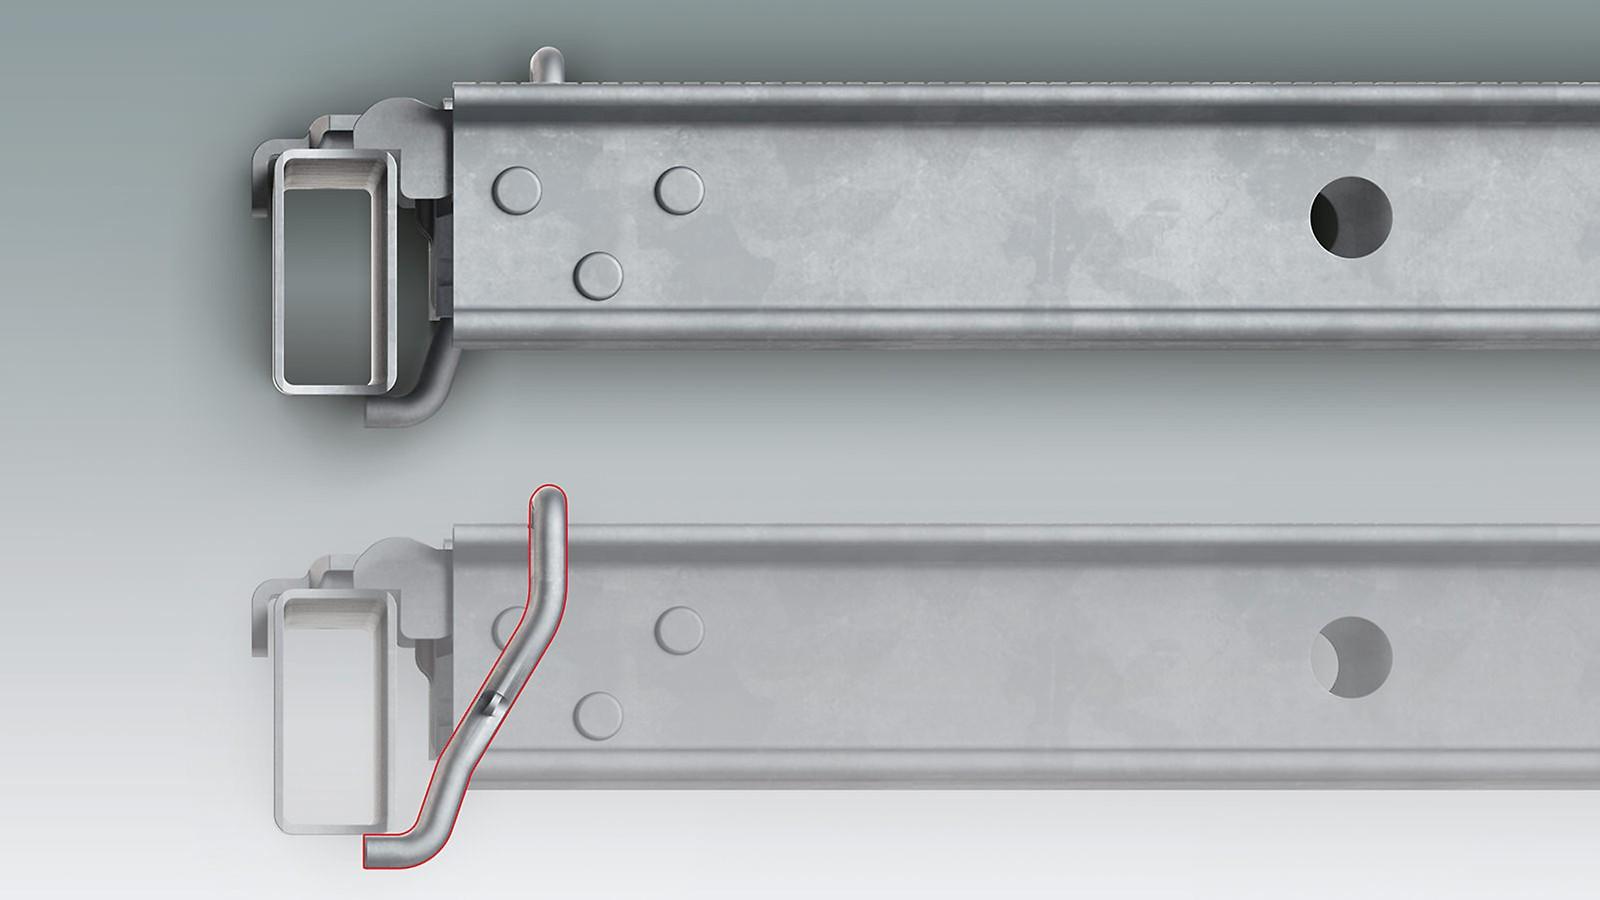 Die integrierte Abhebesicherung des Gerüstbelags im Detail: Der integrierte Bügel des Belags untergreift den rechteckigen Riegel und sichert damit die Belagsposition. Die PERI UP Beläge sind also nach dem Einlegen ohne Zusatzbauteile gegen Abheben gesichert.